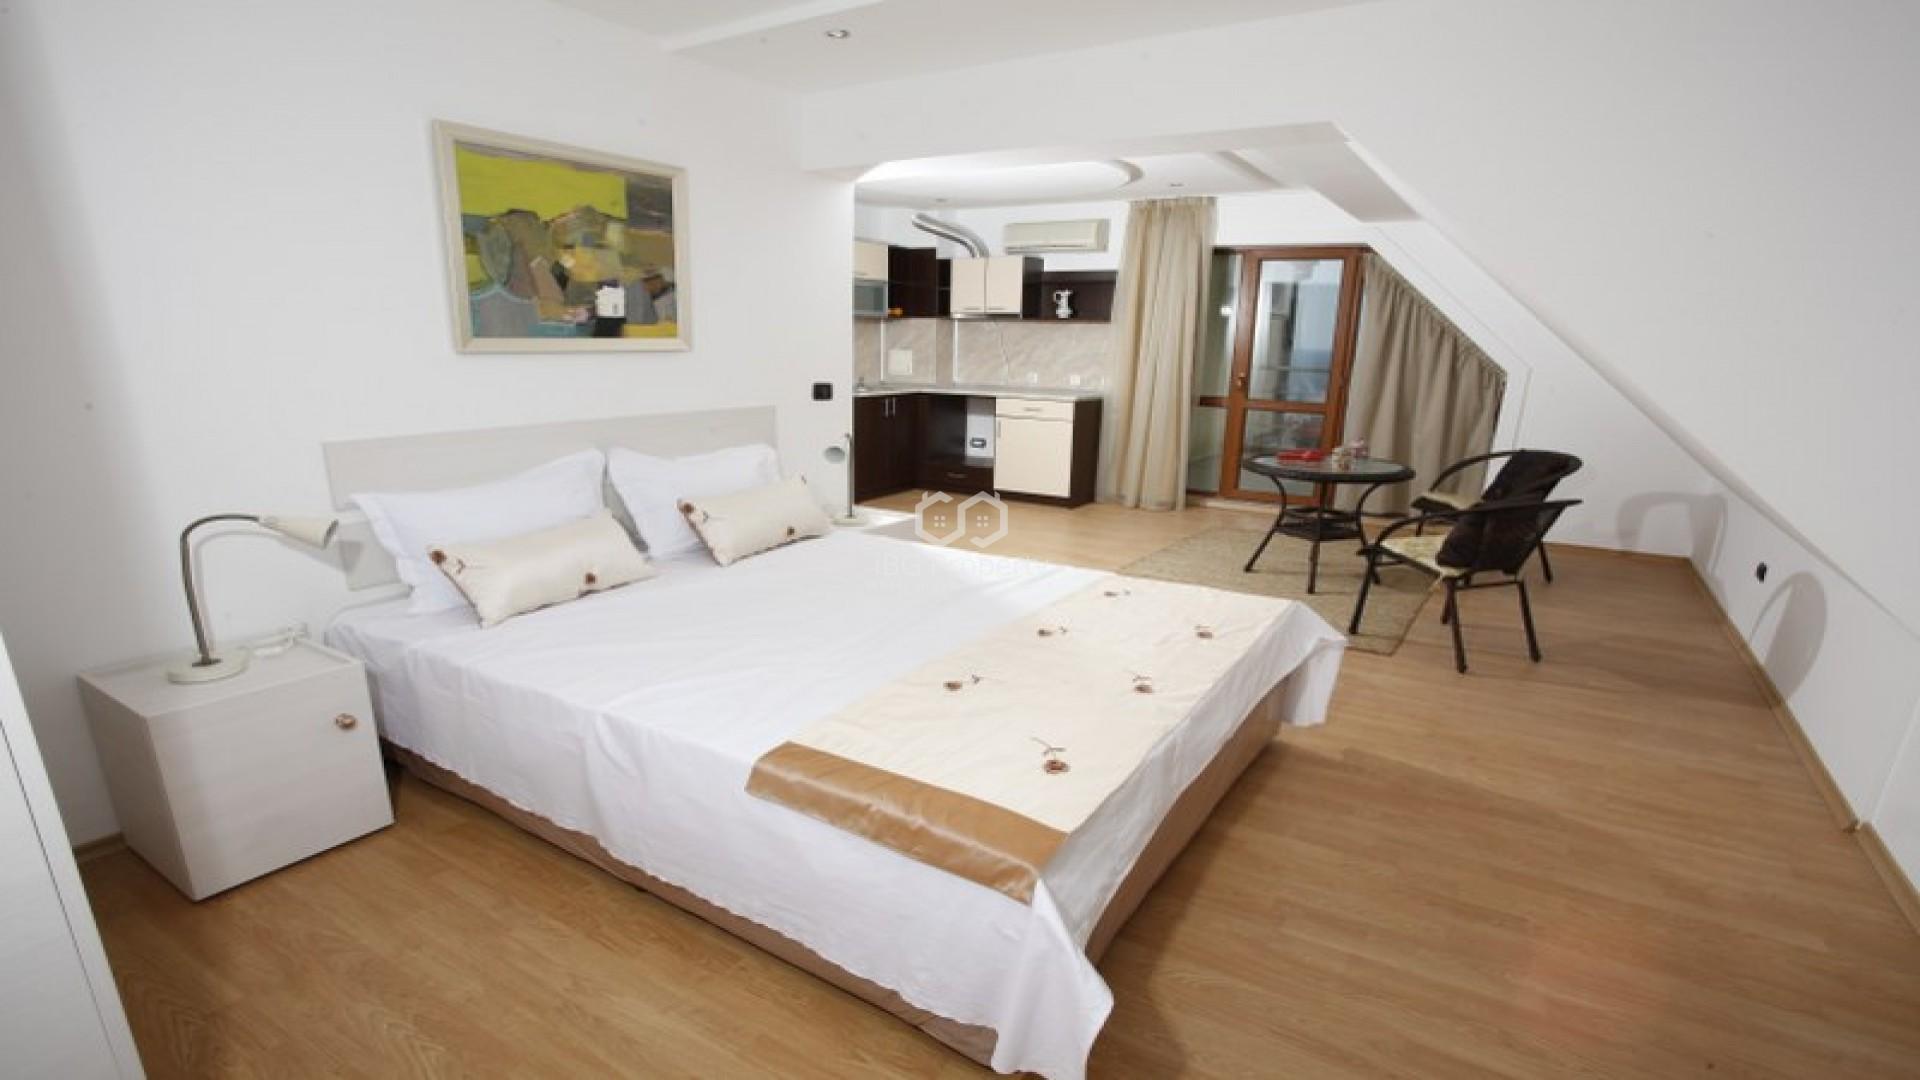 Zweizimmerwohnung in Bjala 86 m2